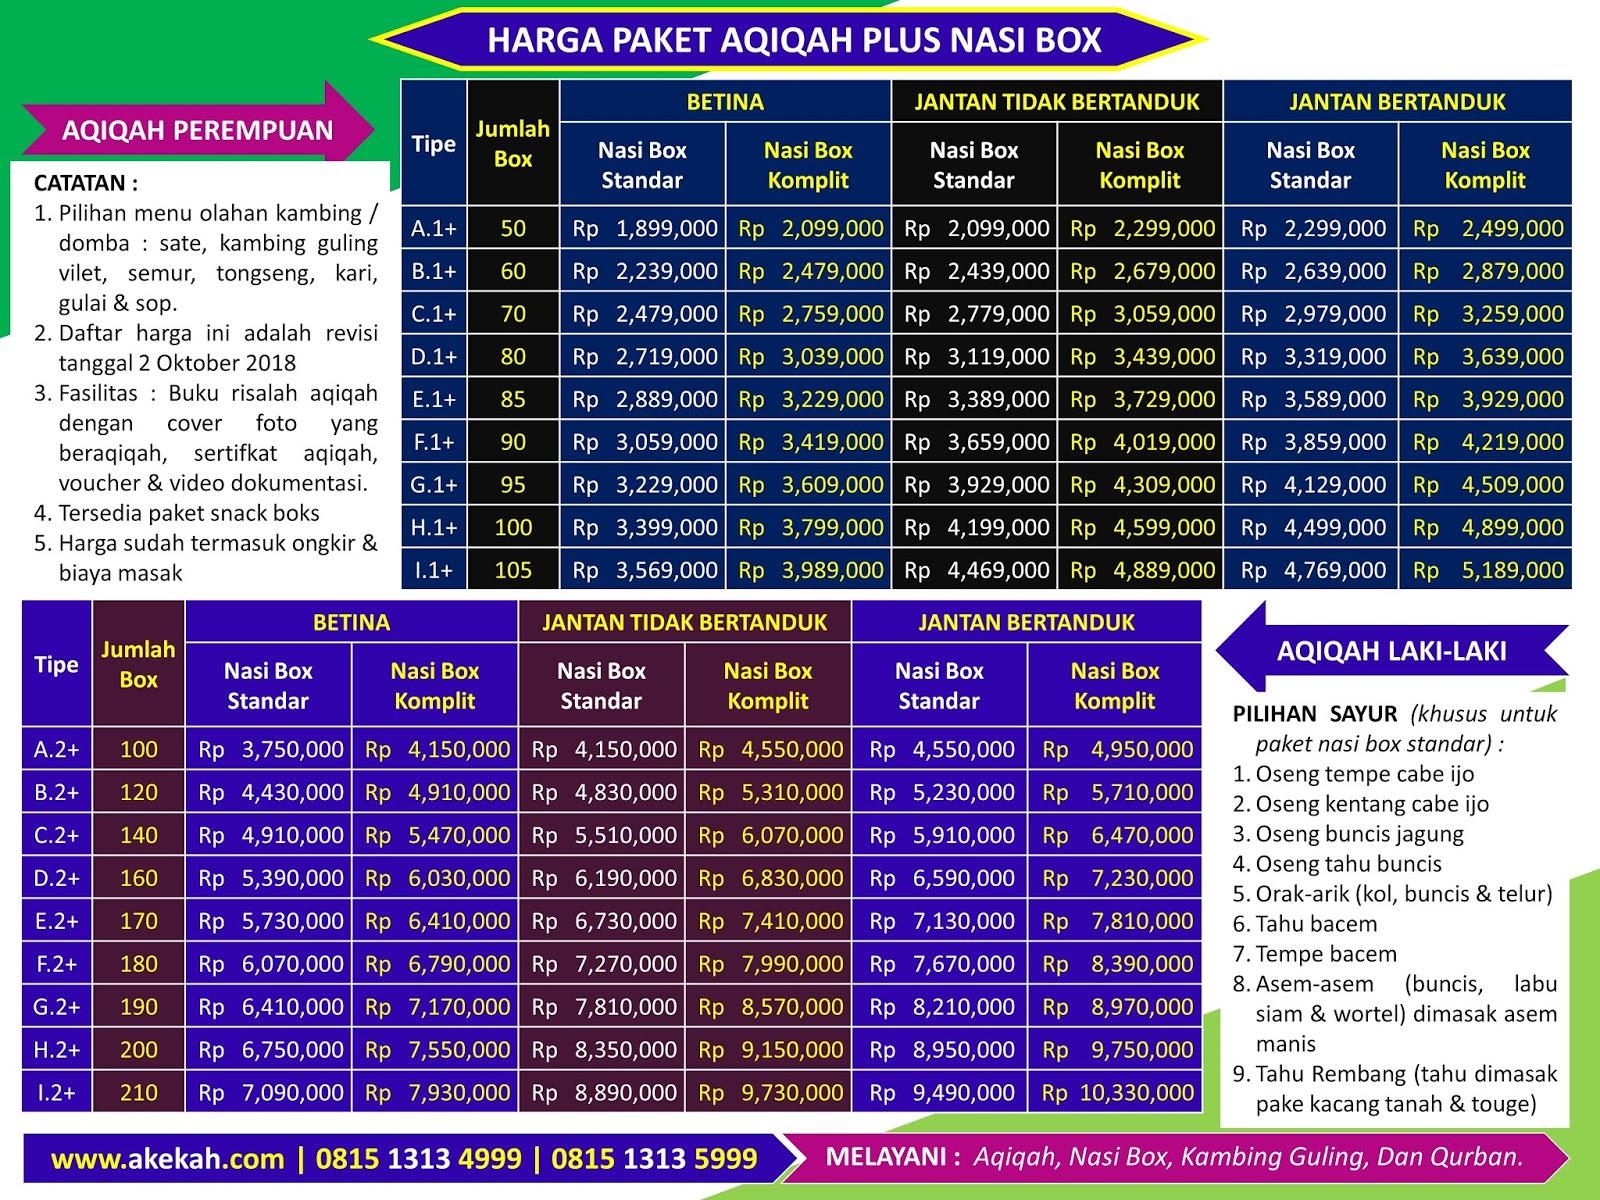 Harga Kambing Aqiqah Dan Catering Murah Untuk Anak Daerah Kabupaten Bogor Jawa Barat